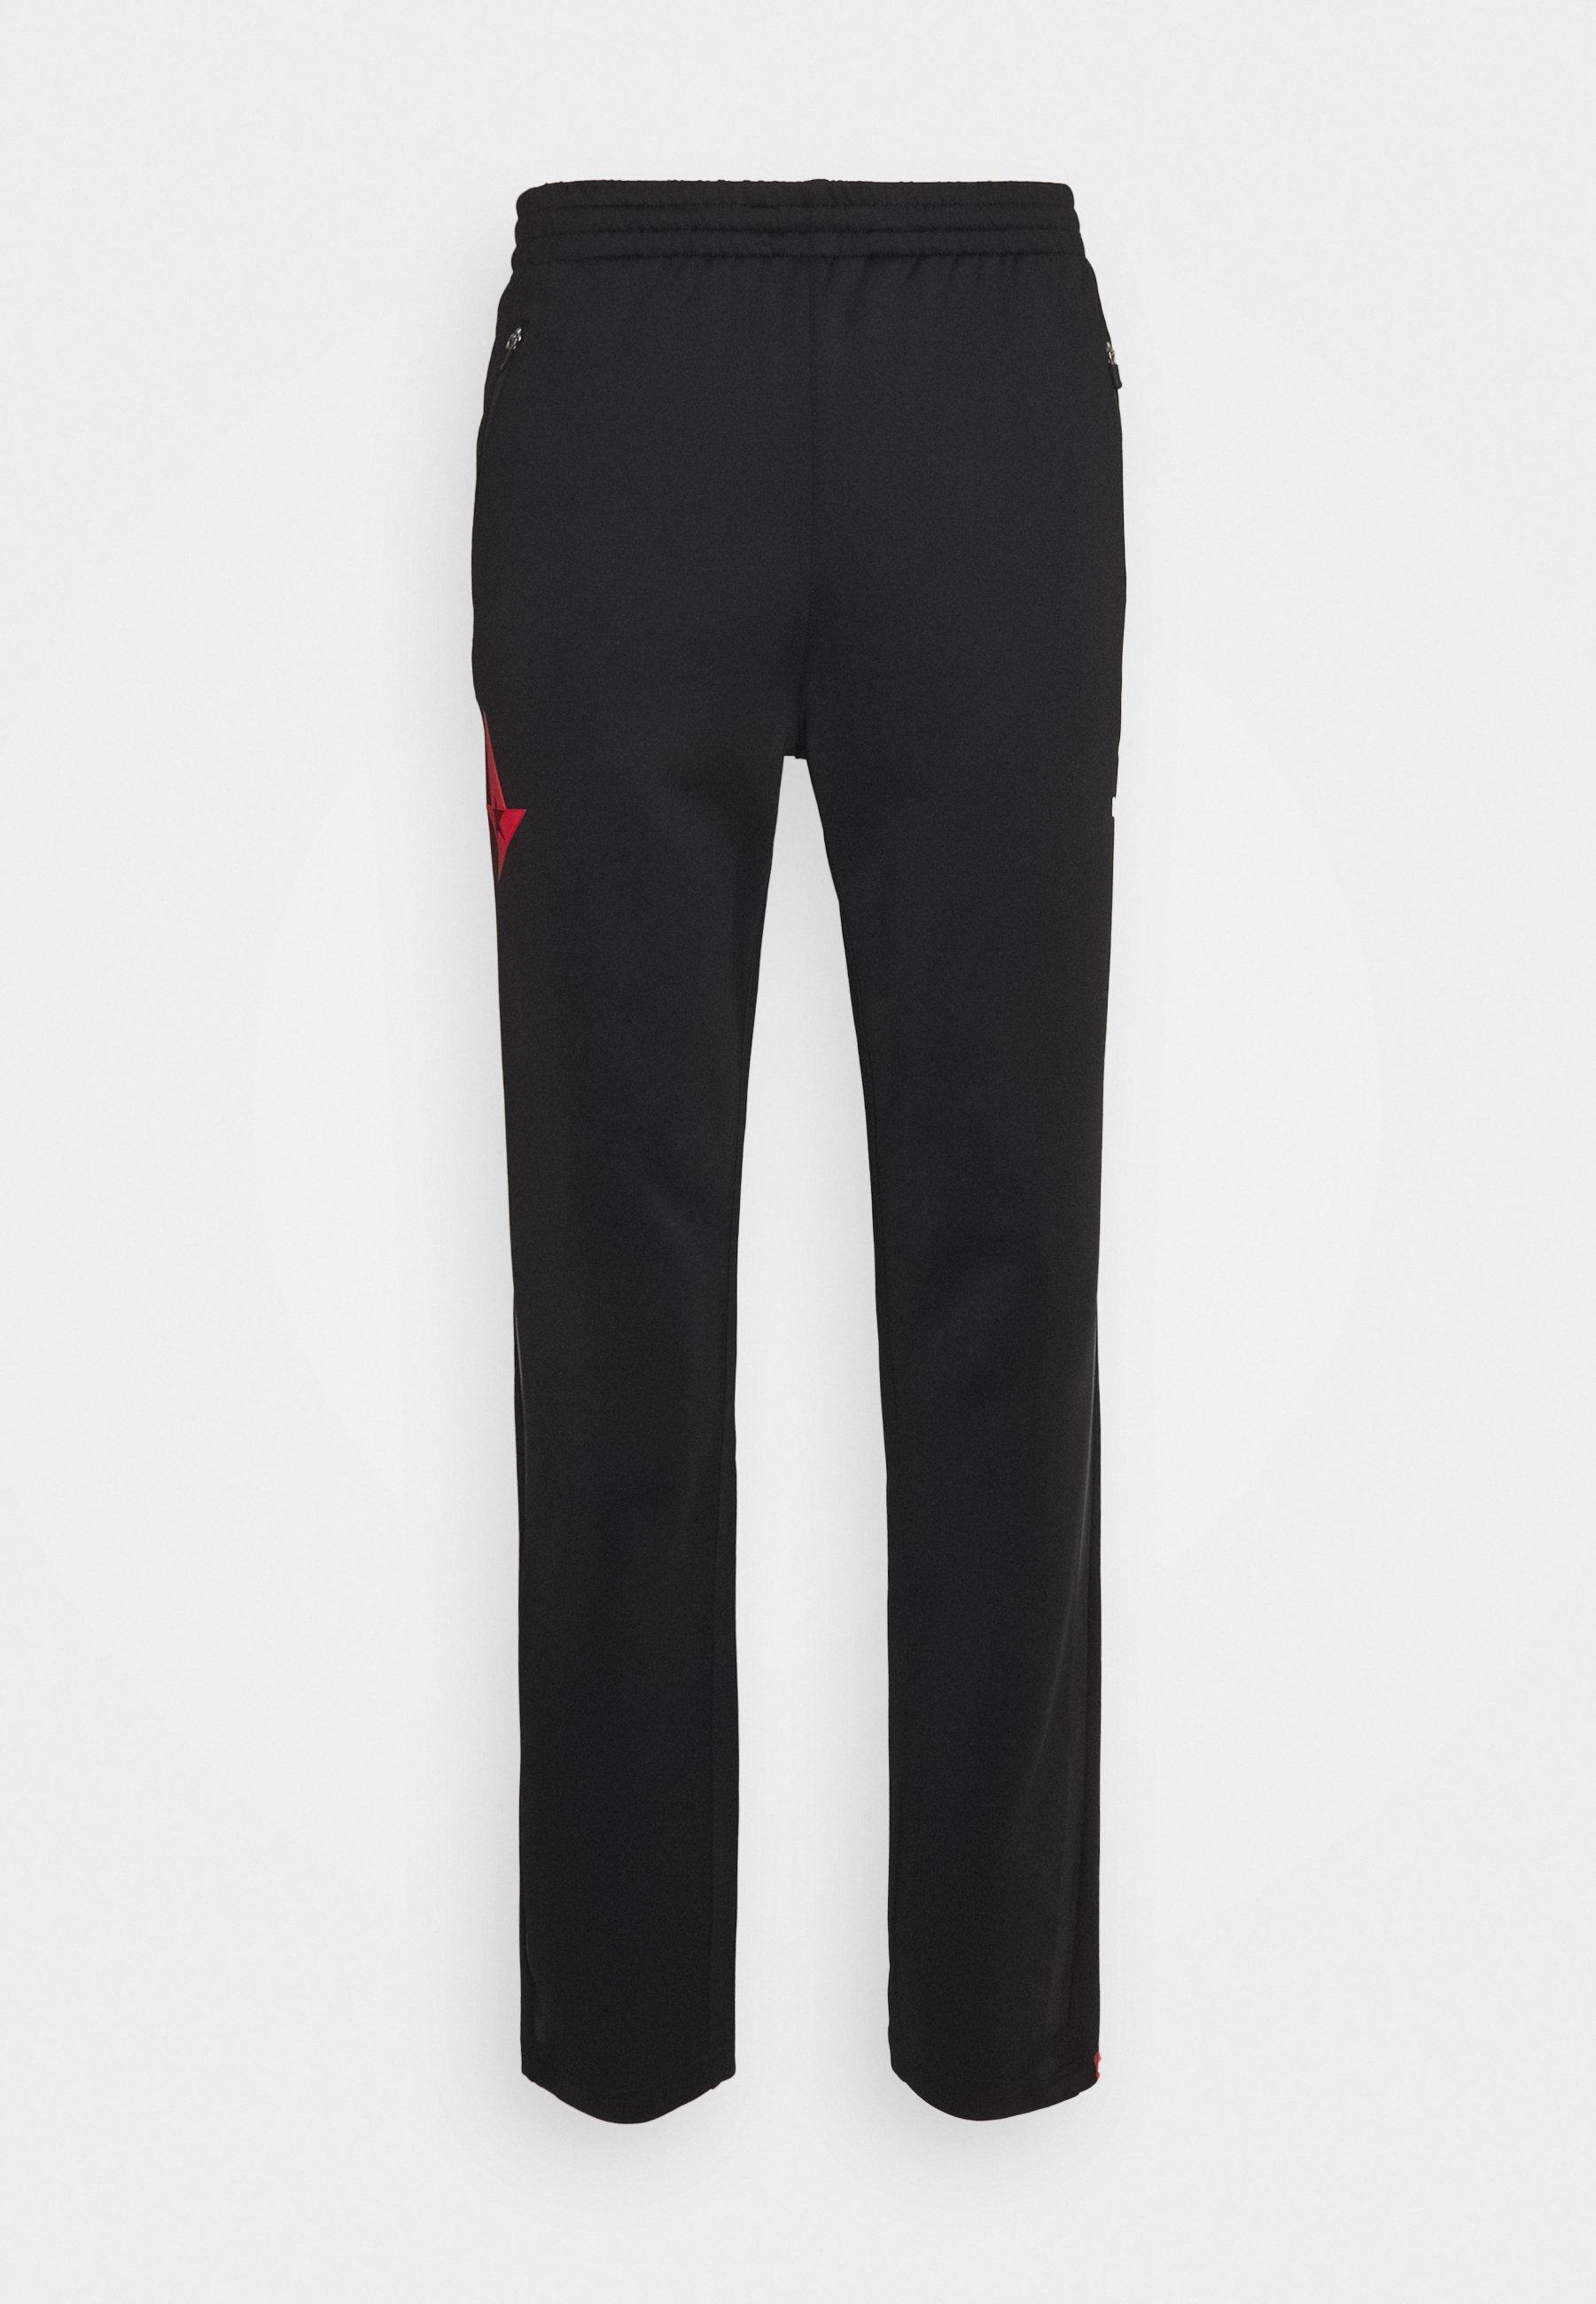 Homme ASTRALIS CIMA PANTS - Pantalon de survêtement